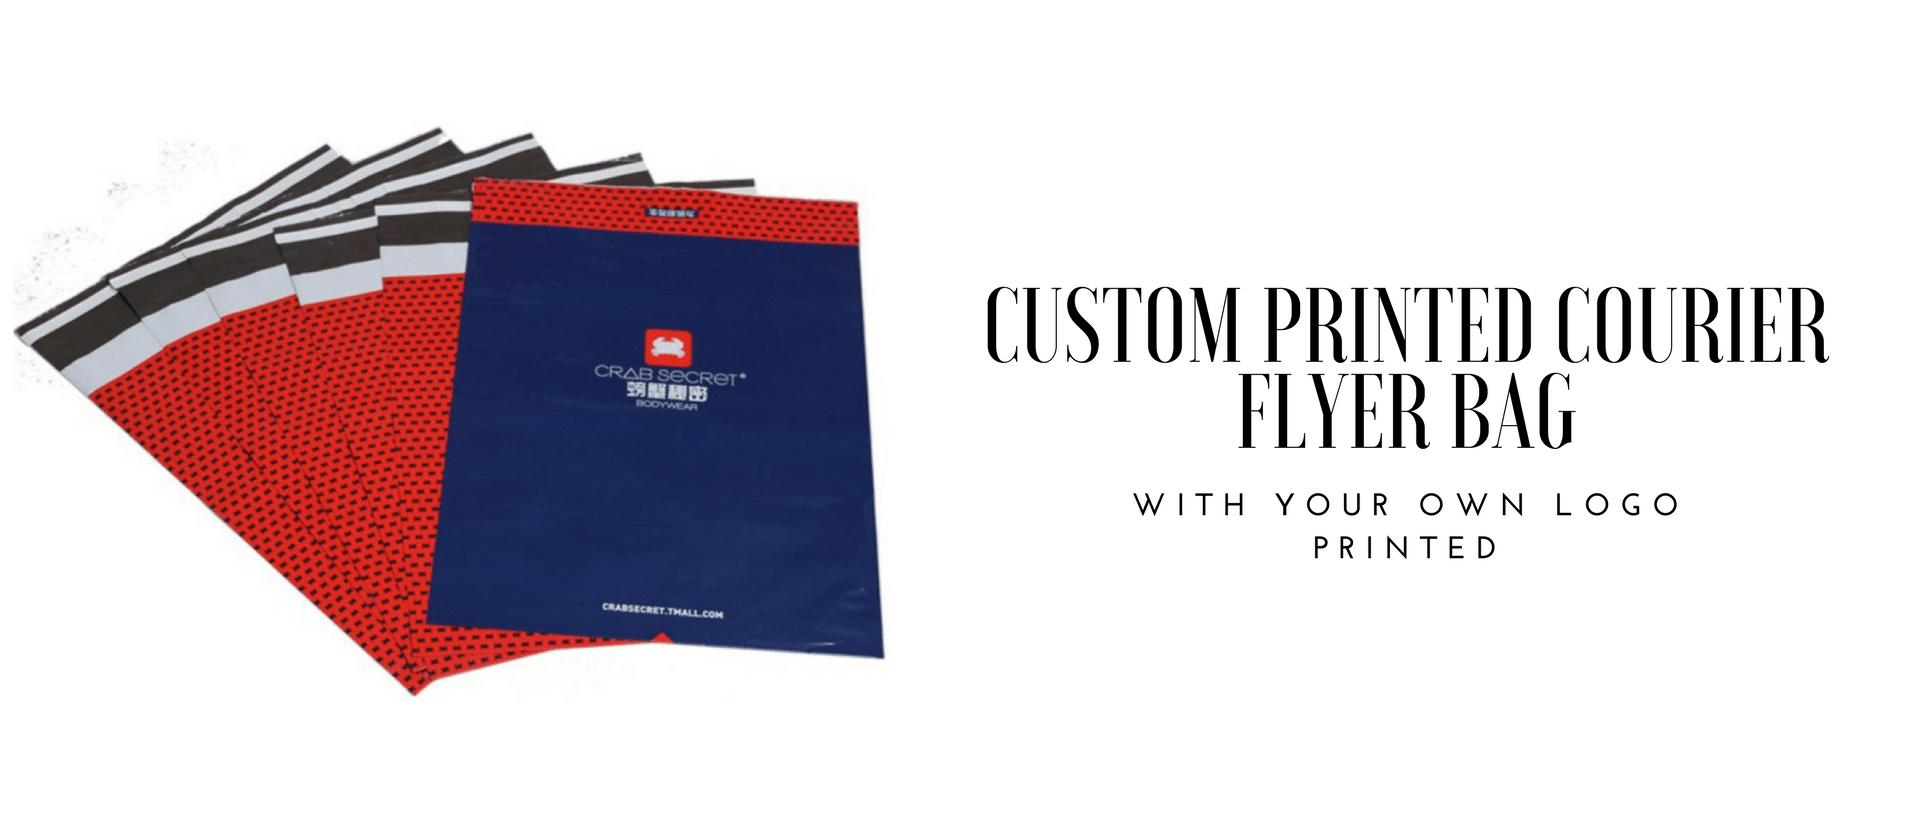 Courier-flyer-bag-banner-min